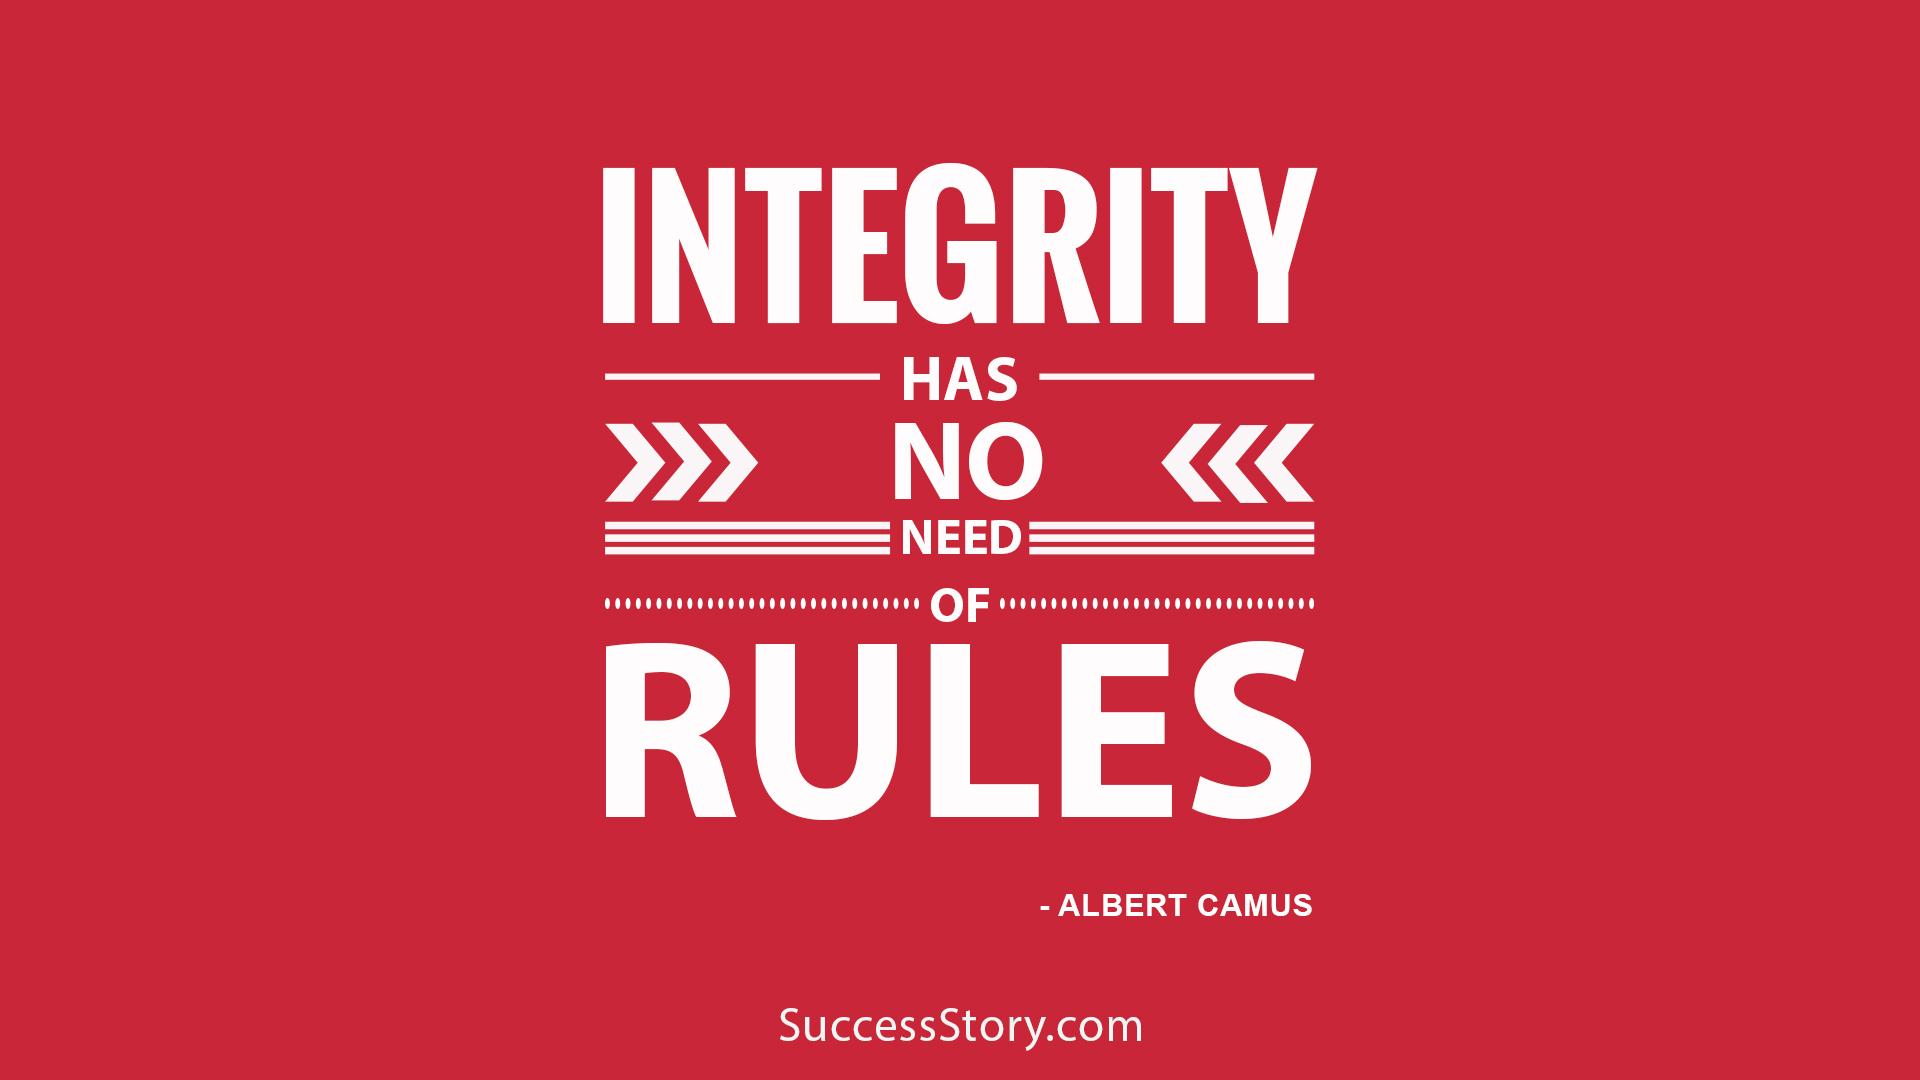 Integrity has no